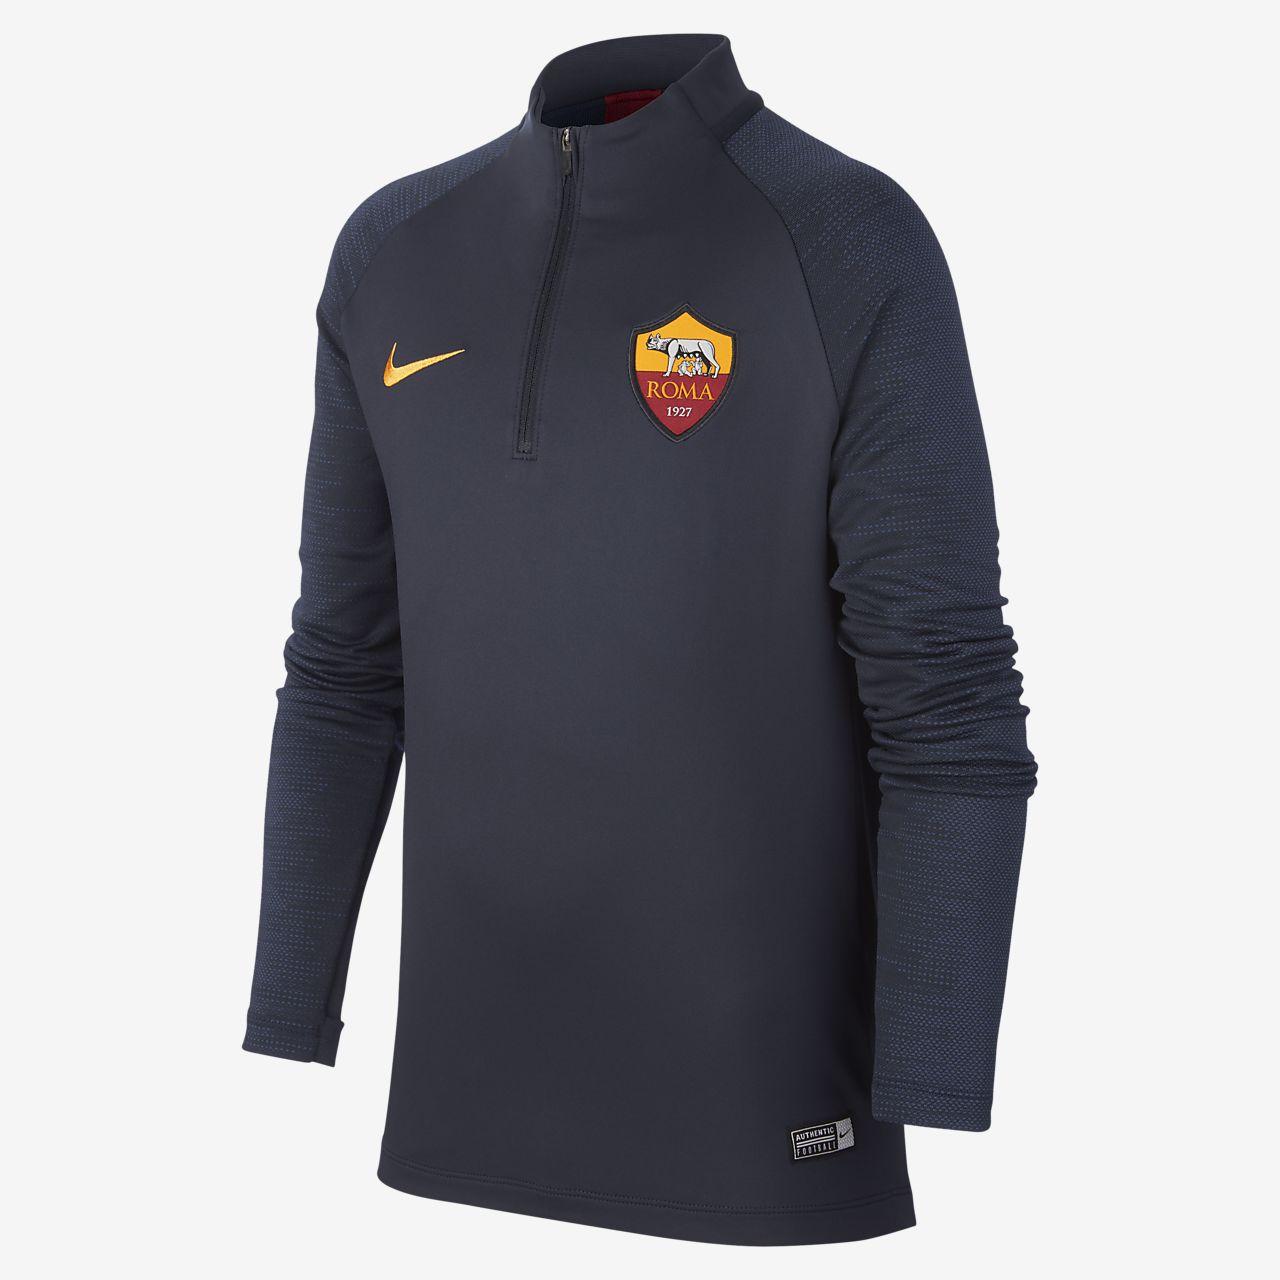 Футболка для футбольного тренинга для школьников Nike Dri-FIT A.S. Roma Strike